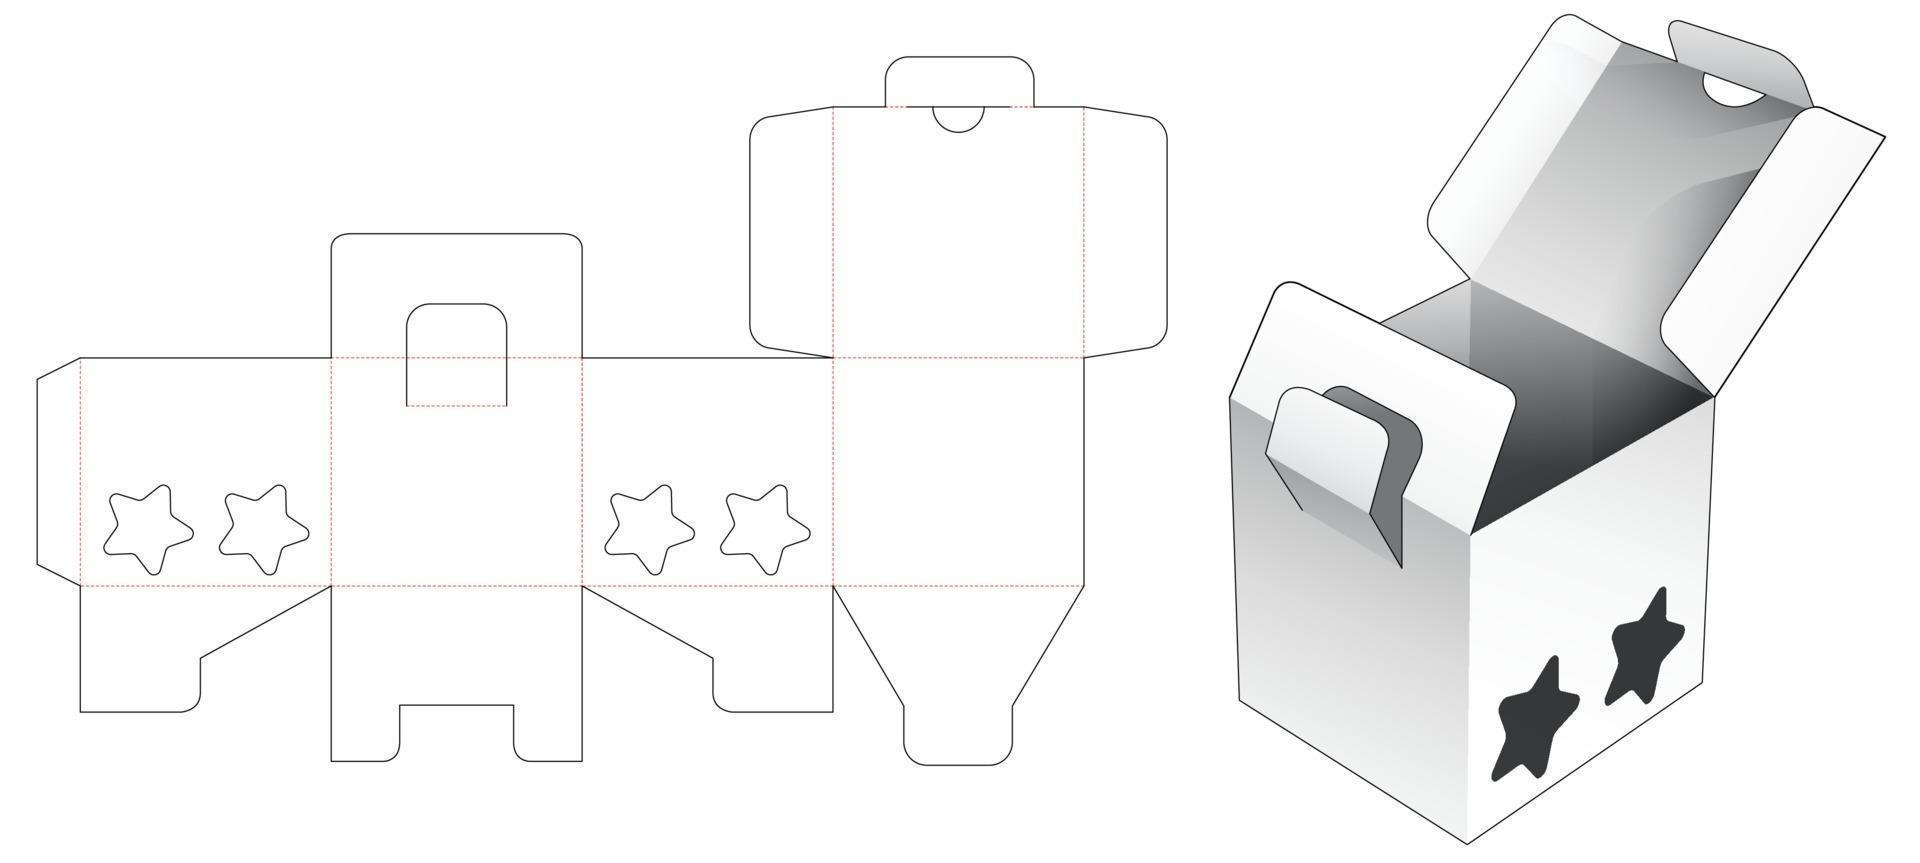 2 caixa invertida e ponto bloqueado com modelo de janela cortada em forma de 2 estrelas vetor